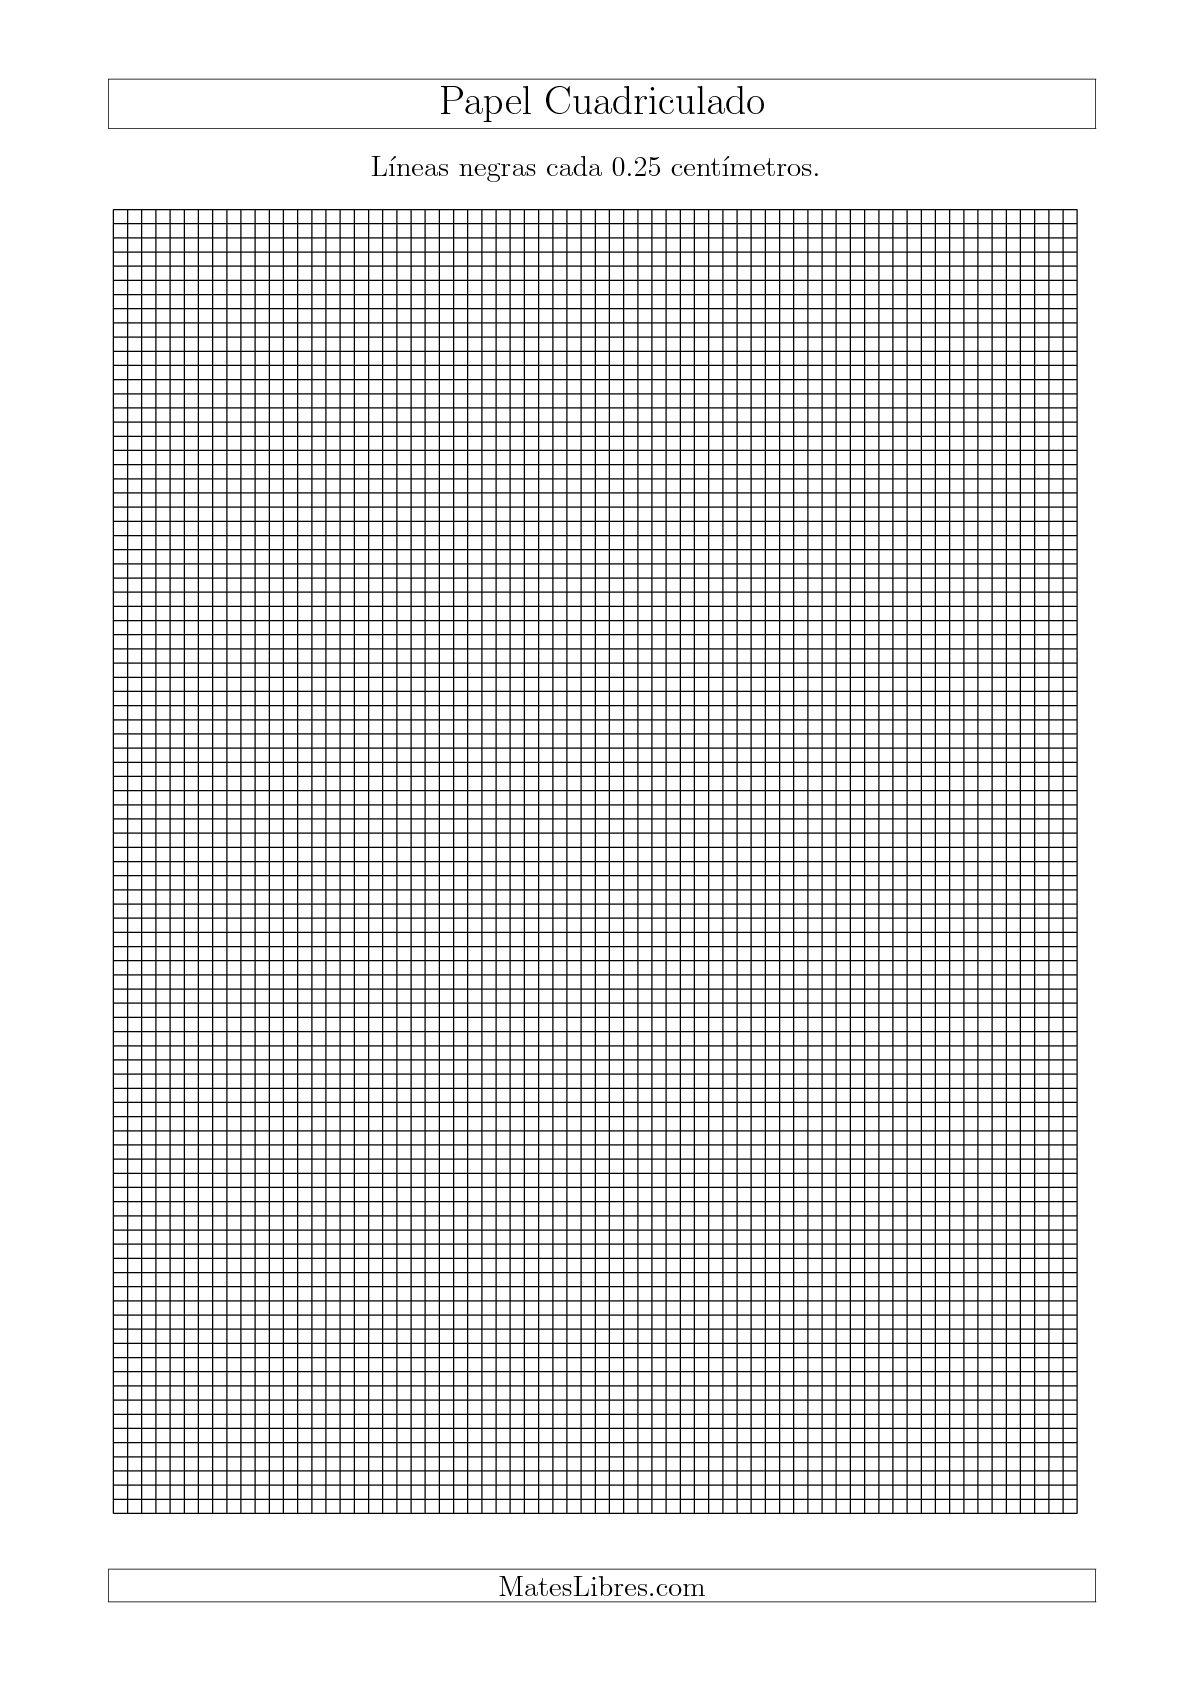 La Papel Cuadriculado de Líneas Negras cada 0.25cm, Tamaño de Papel A4 Hojas de Papel Cuadriculado